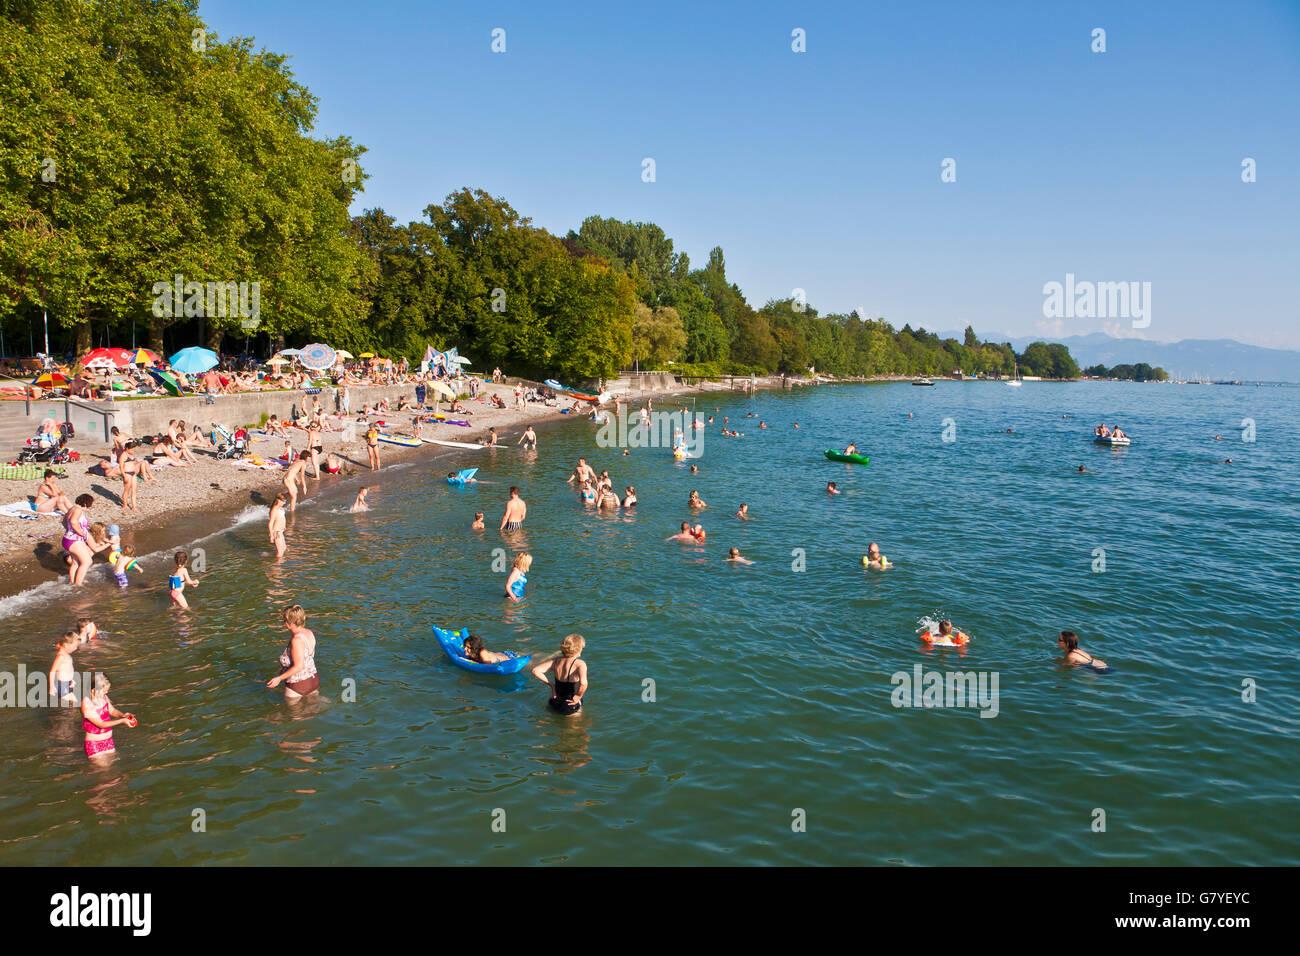 Offentlicher Strand In Kressbronn Bodensee Bodensee Baden